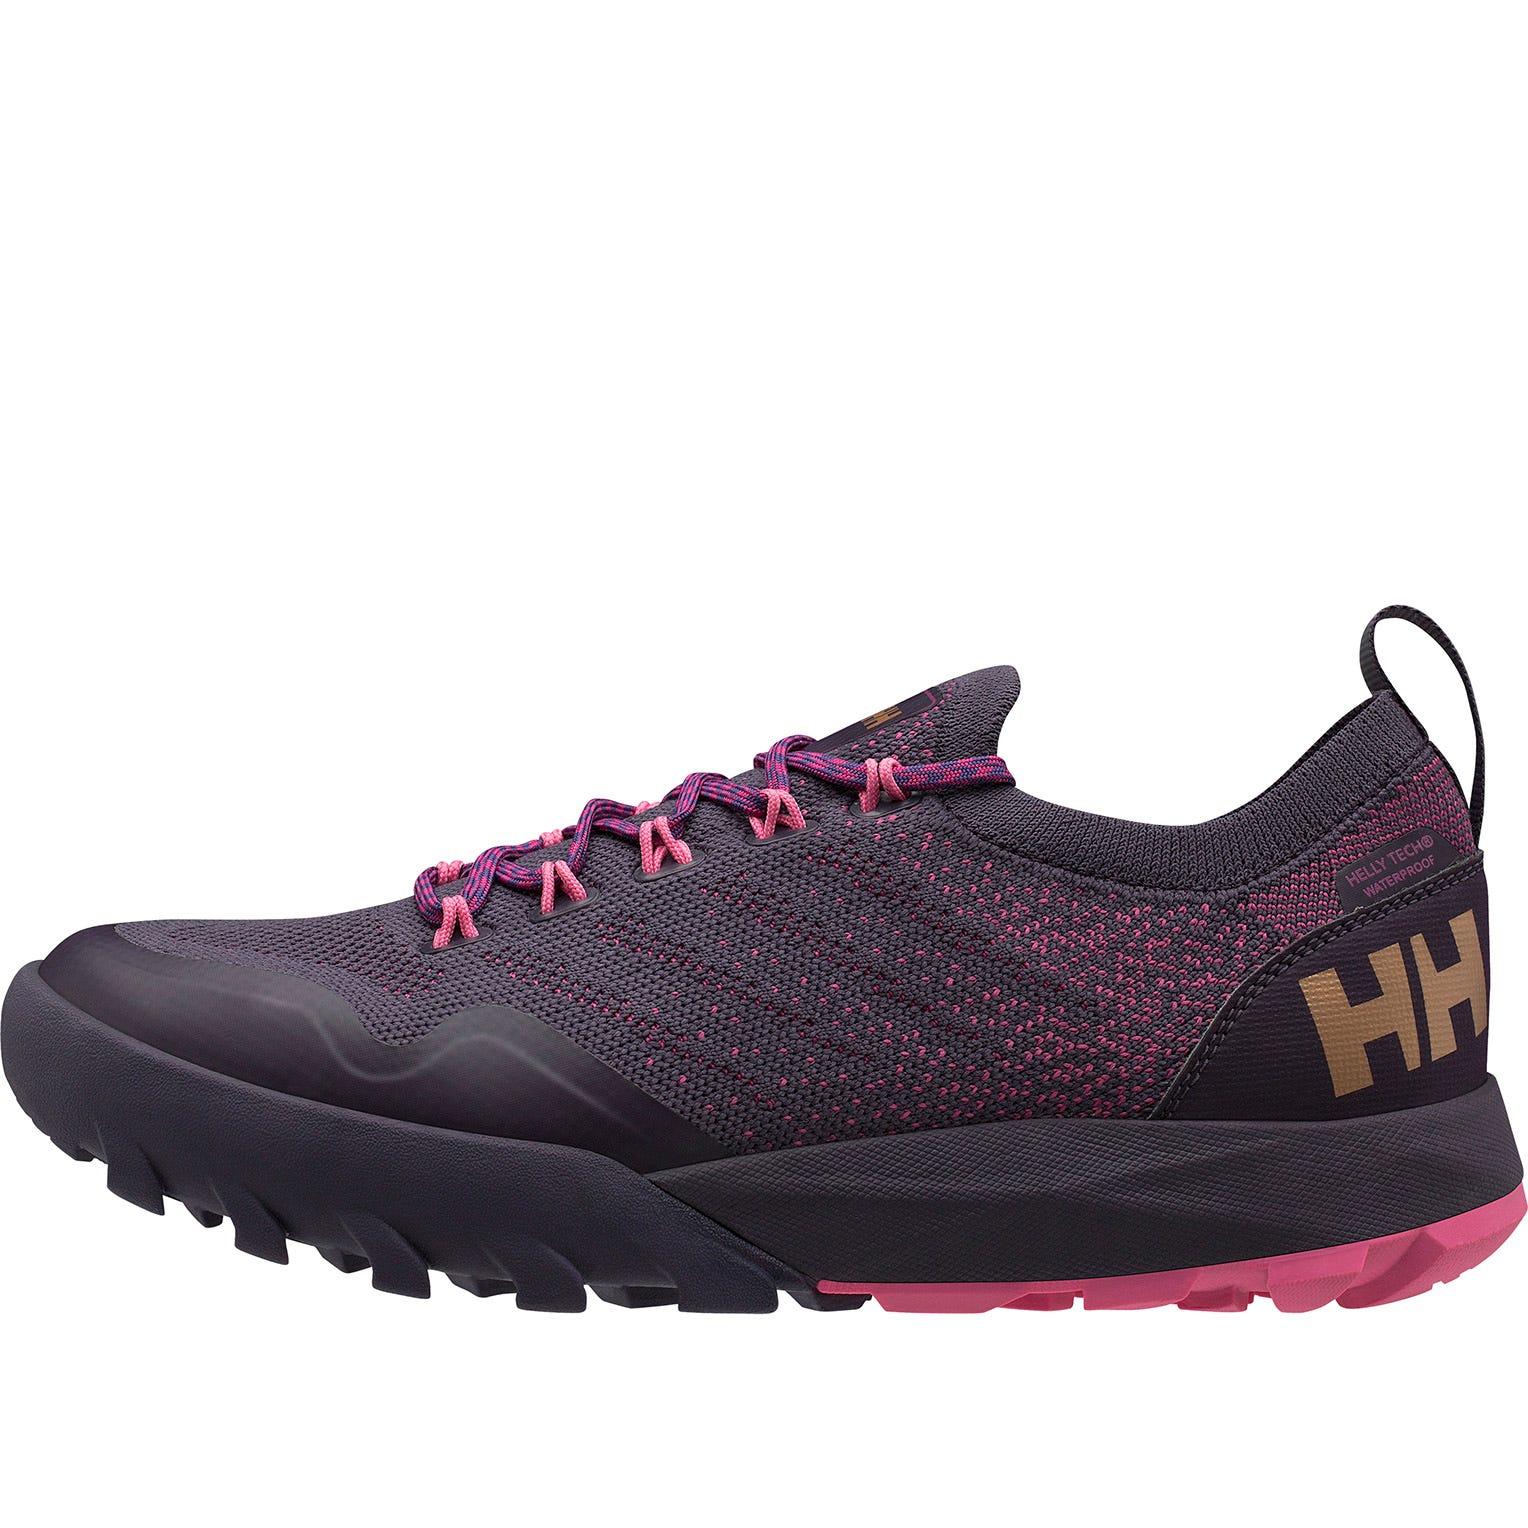 Helly Hansen Femme Loke Dash 2 Ht Chaussure De Randonnée Violet 5